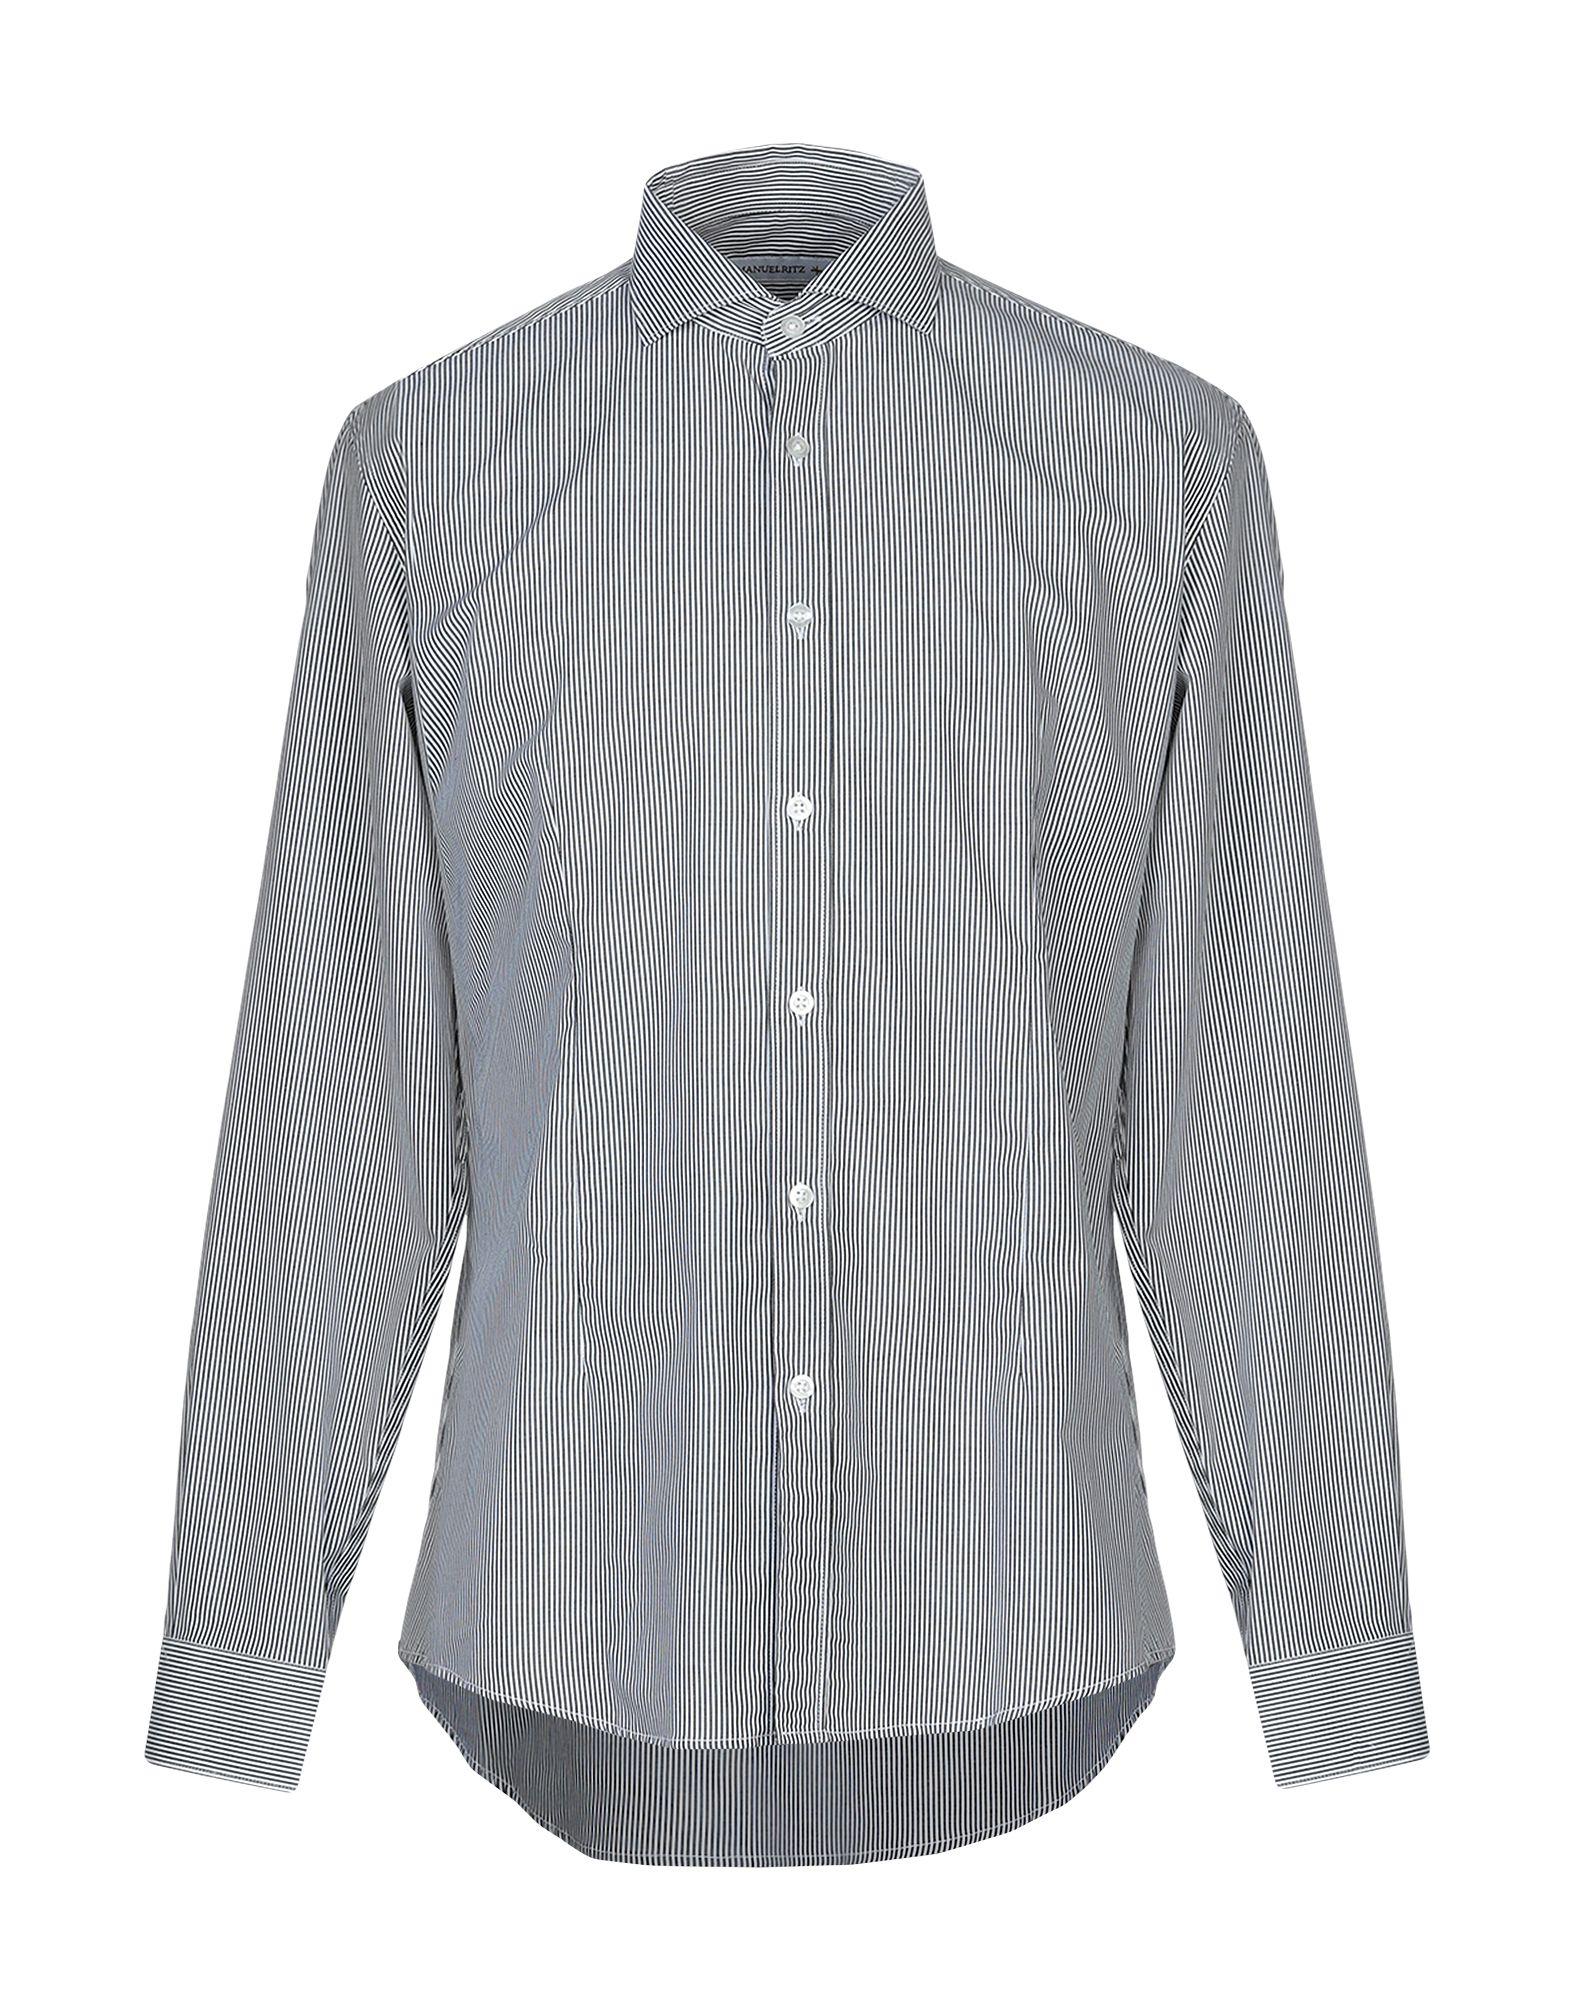 《送料無料》MANUEL RITZ メンズ シャツ スチールグレー 39 コットン 100%